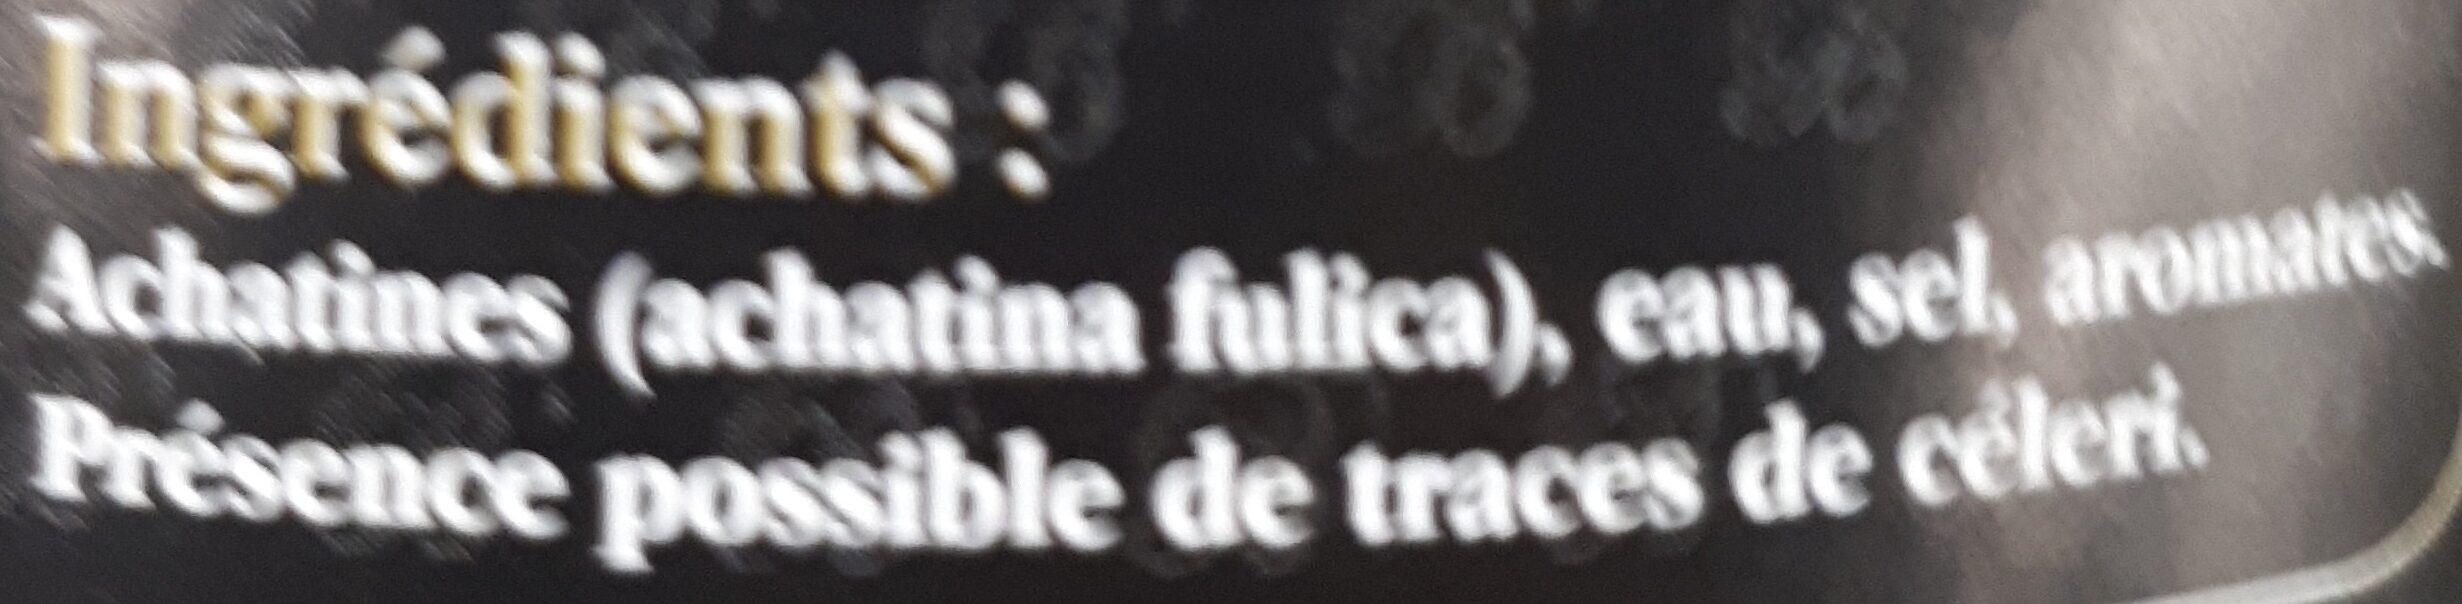 Achatines - Ingrédients - fr